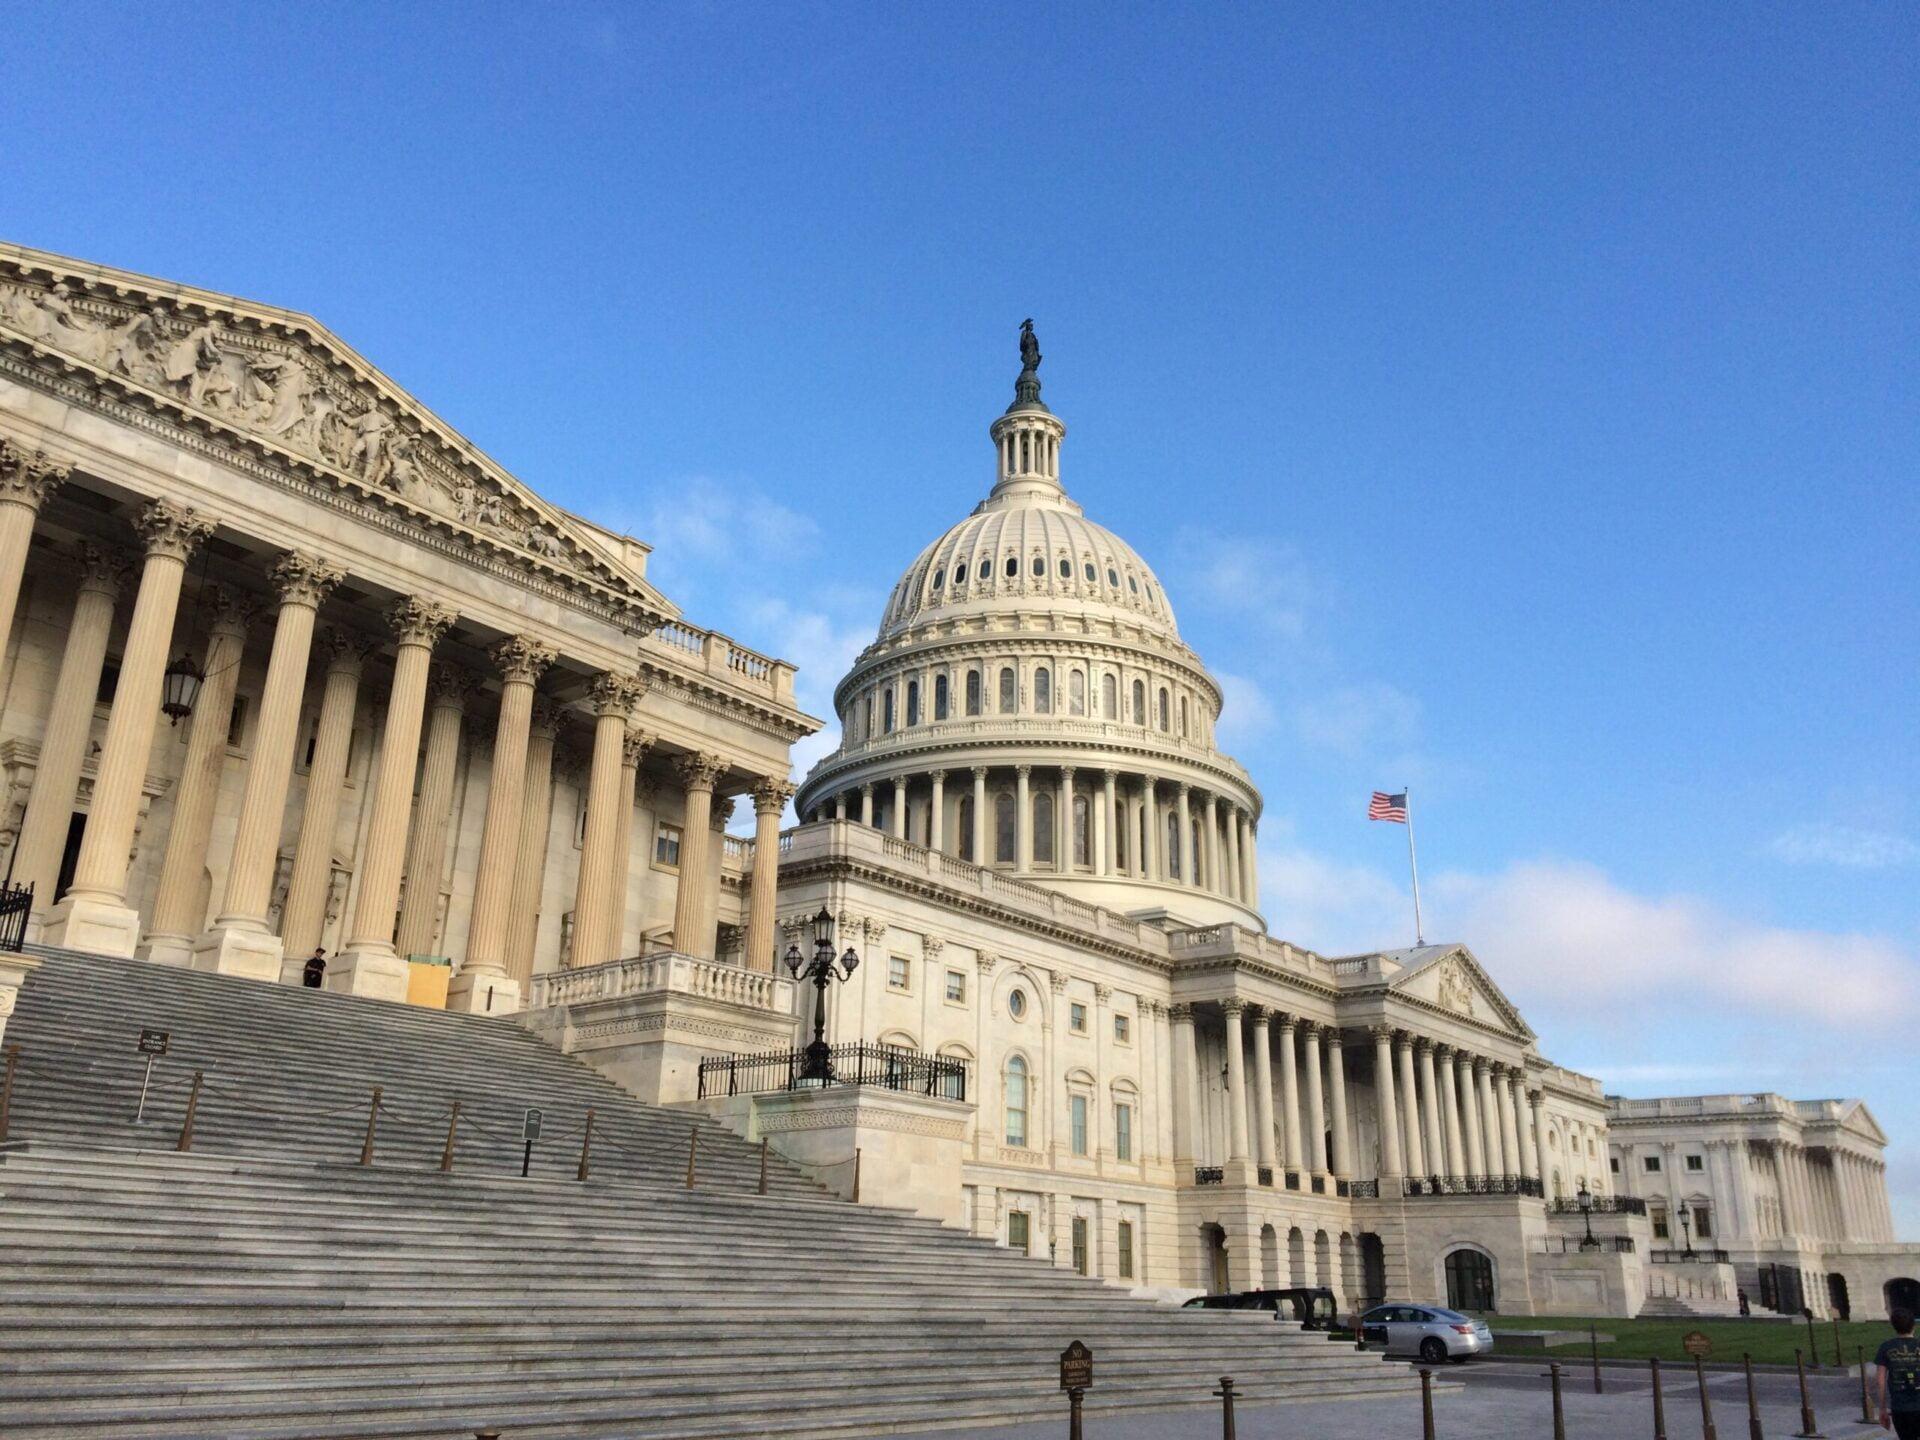 合衆国議会議事堂